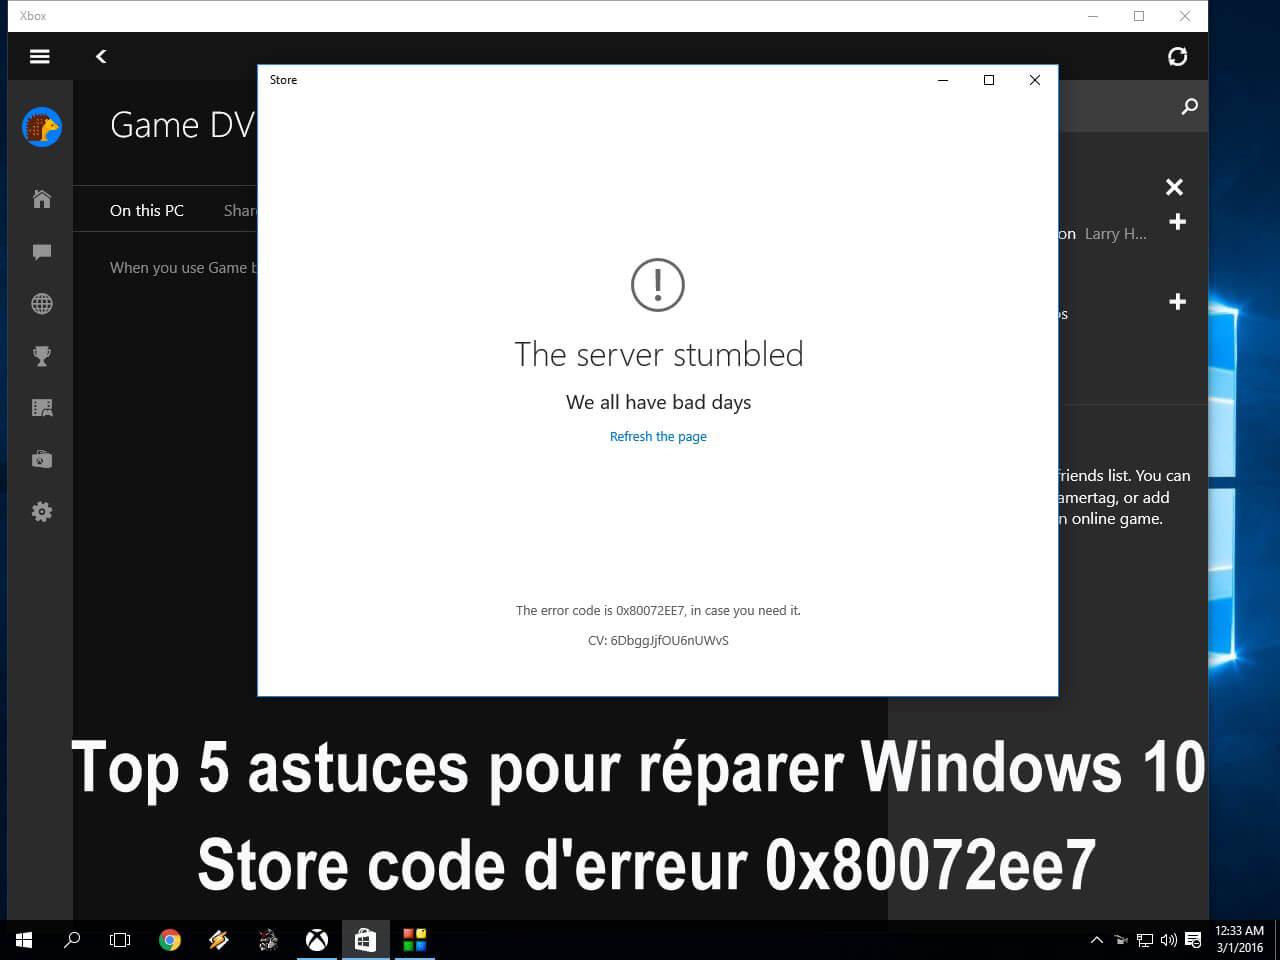 erreur de stockage de windows 0x80072ee7